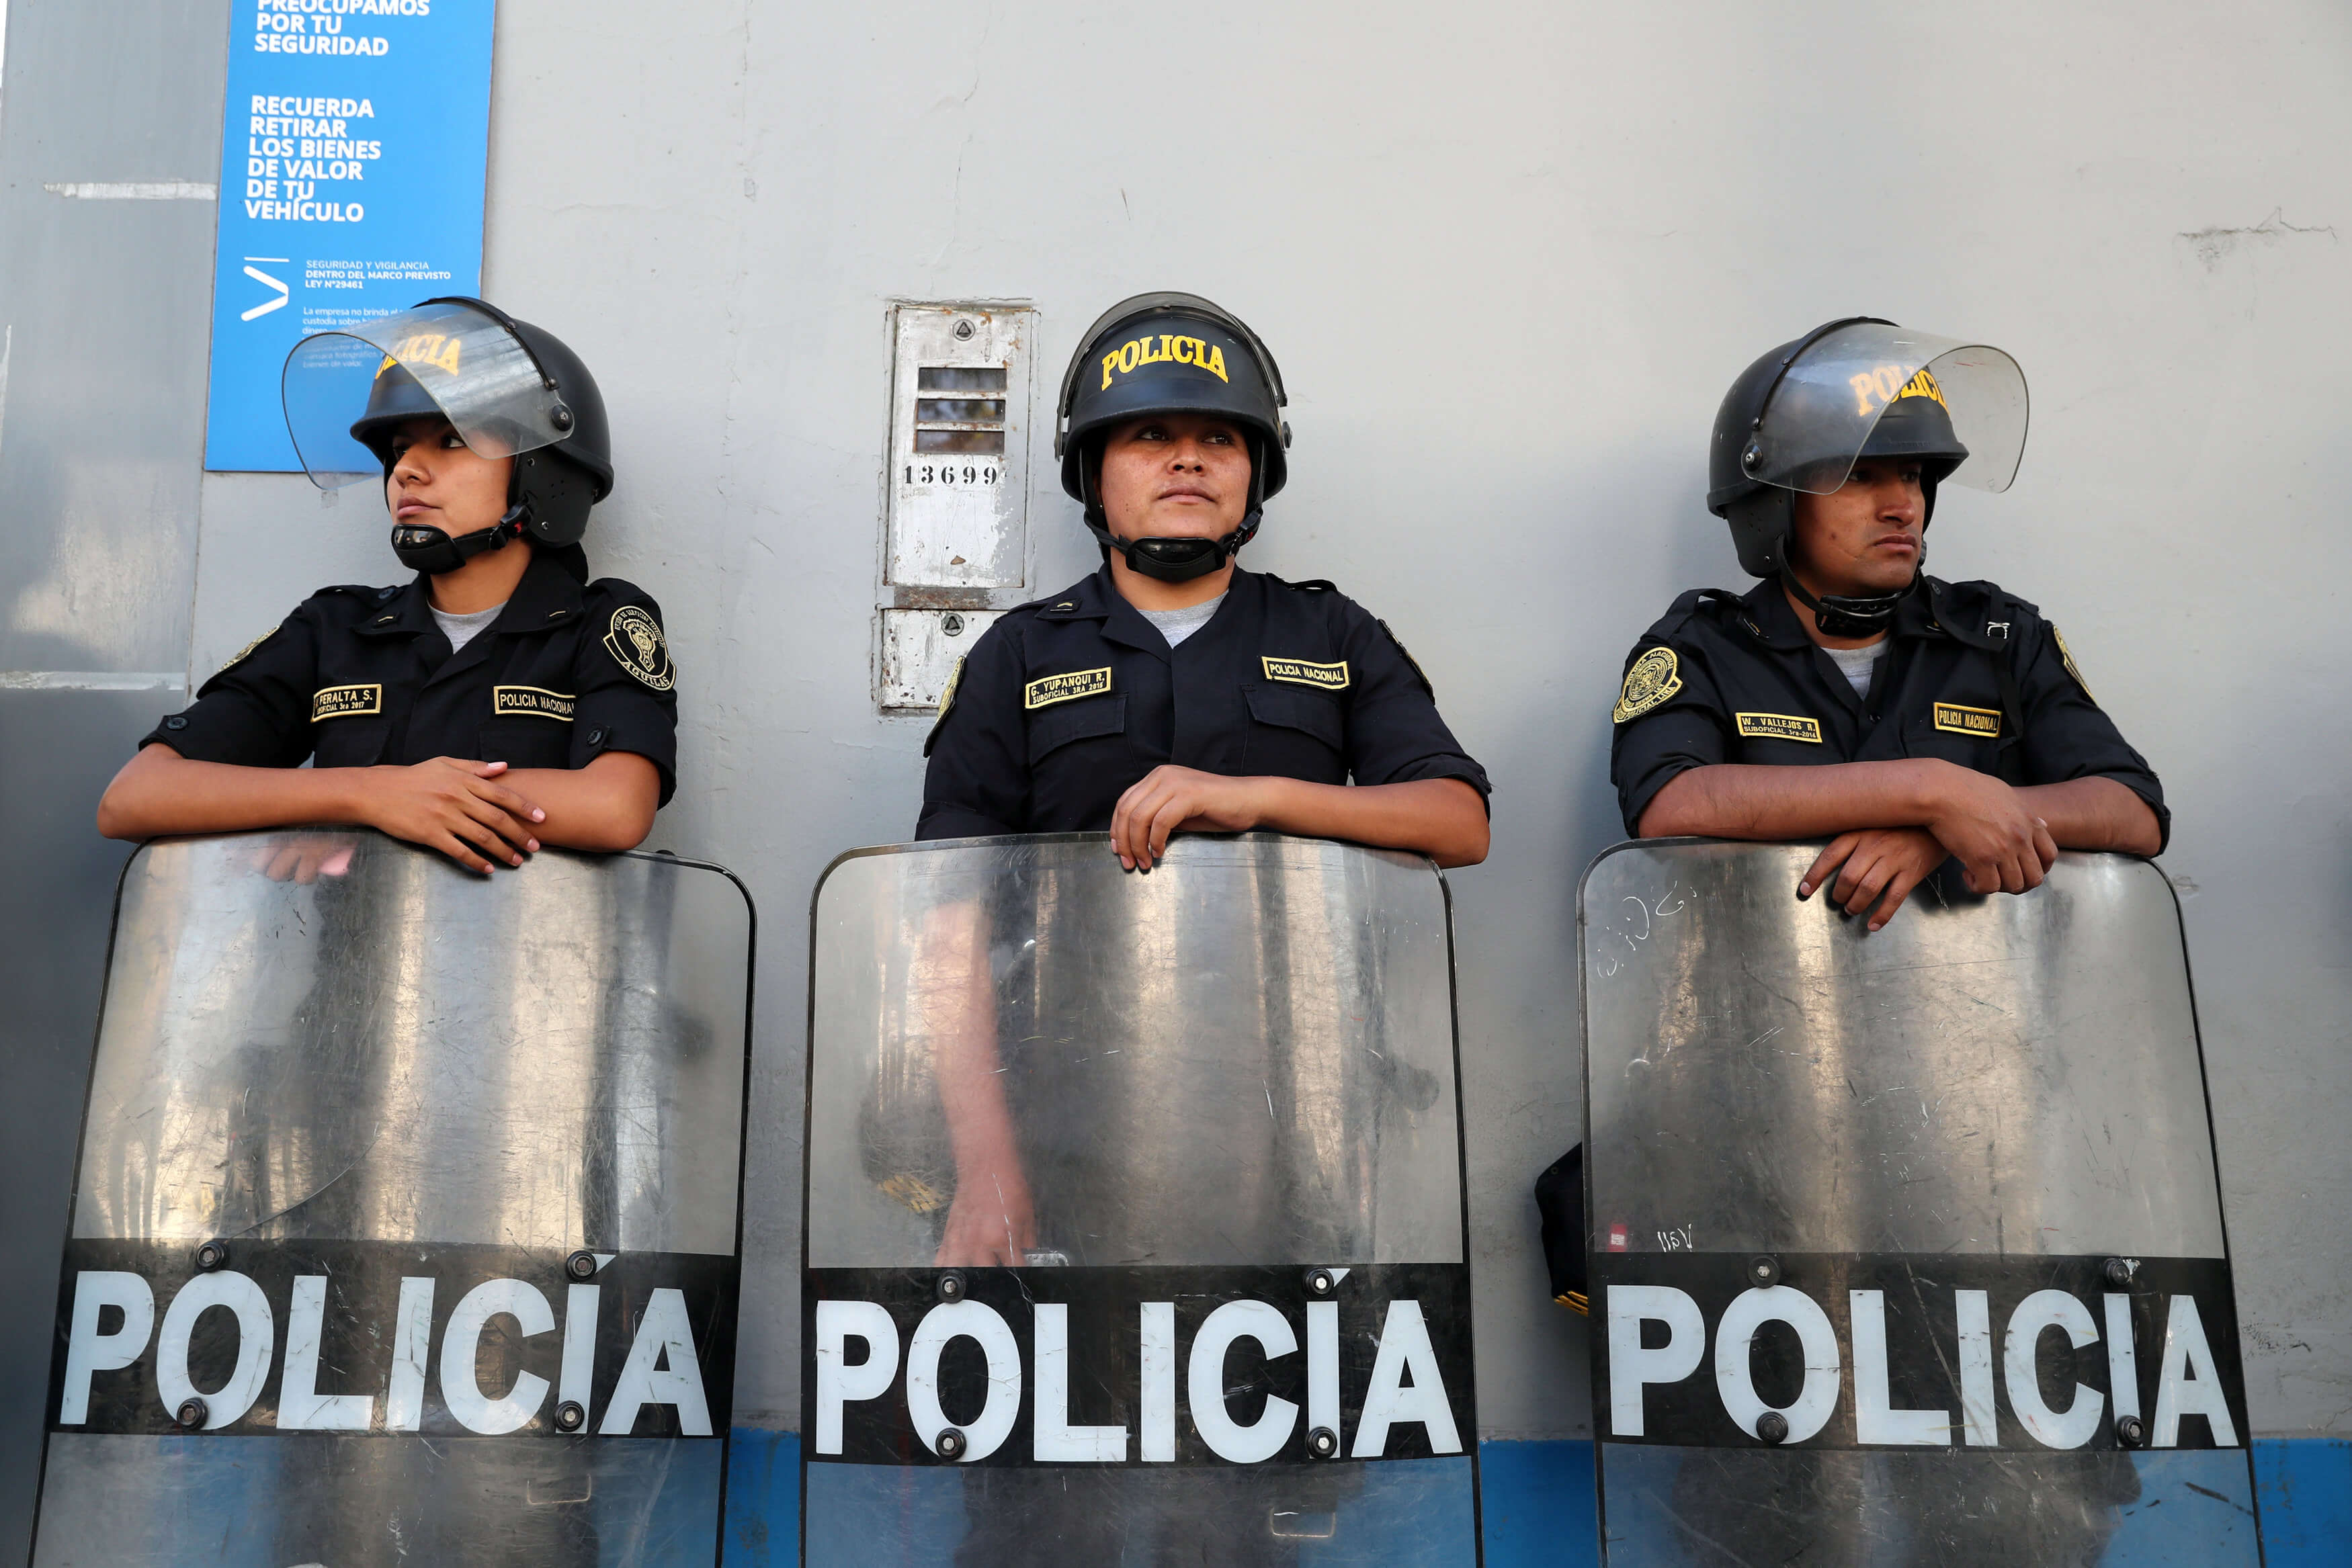 Περού: Πάνω από το 50% των αστυνομικών έχει χτυπηθεί από κορονοϊό